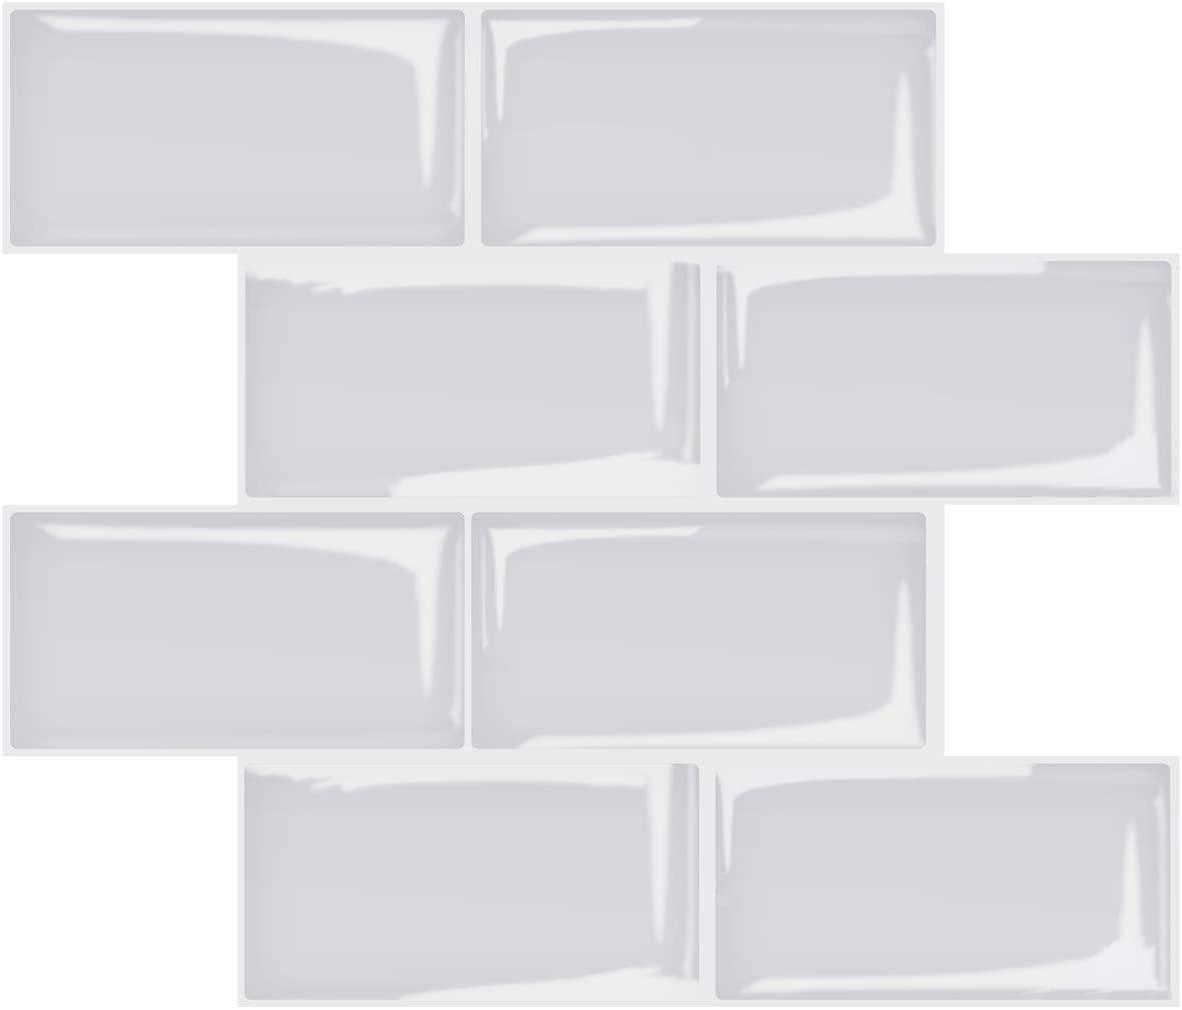 A17724-Art3d Subway Tiles Peel and Stick Backsplash, Stick on Tiles Kitchen Backsplash (10 Tiles, Thicker Version)